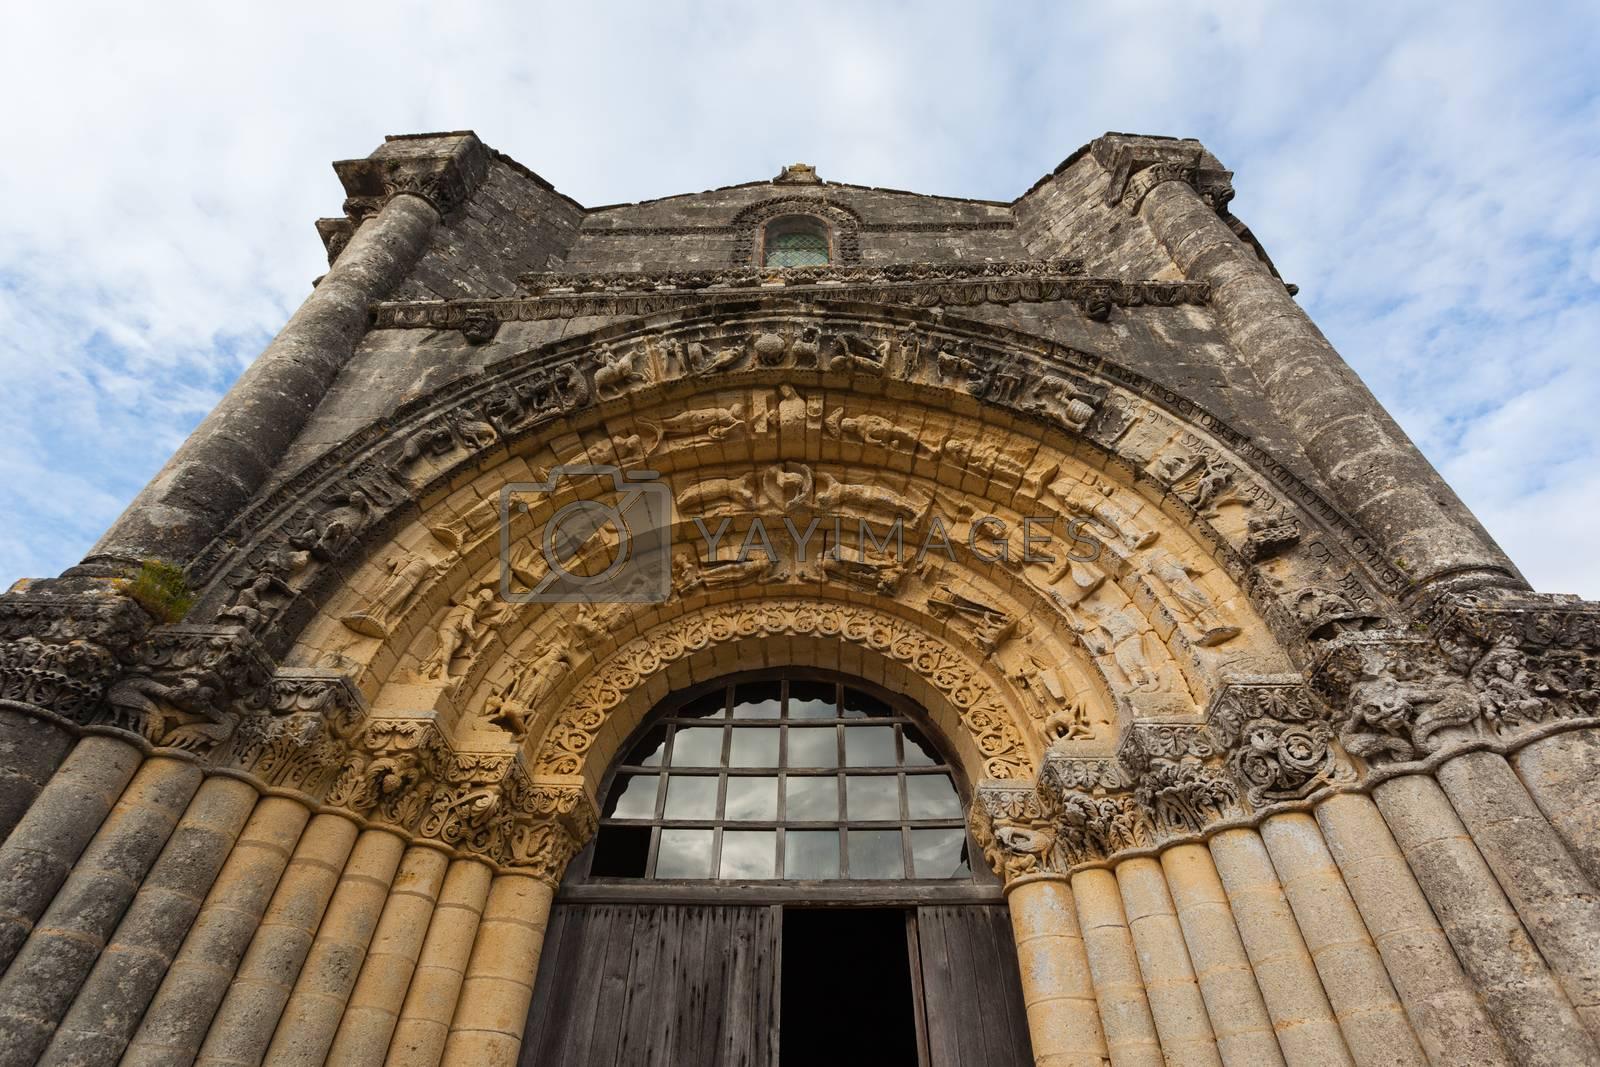 West facade archivolts of Notre-Dame de l'Assomption de Fenioux church in Charente Maritime region of France